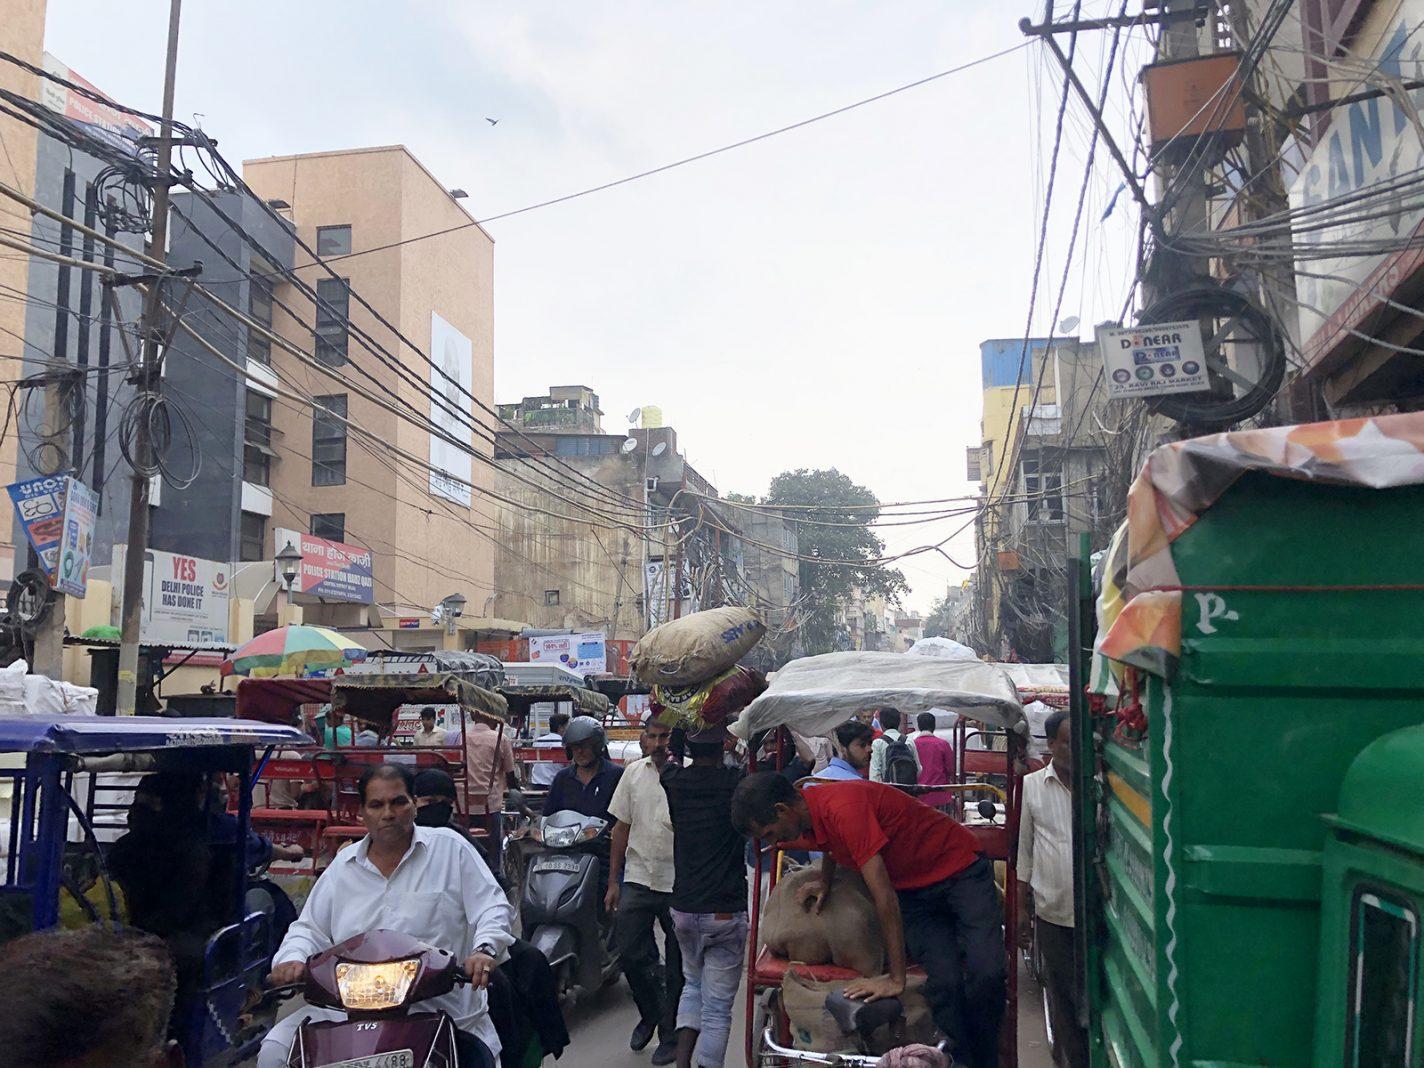 Indrukwekkende chaos bij de Chawri Bazaar - De grote steden van India